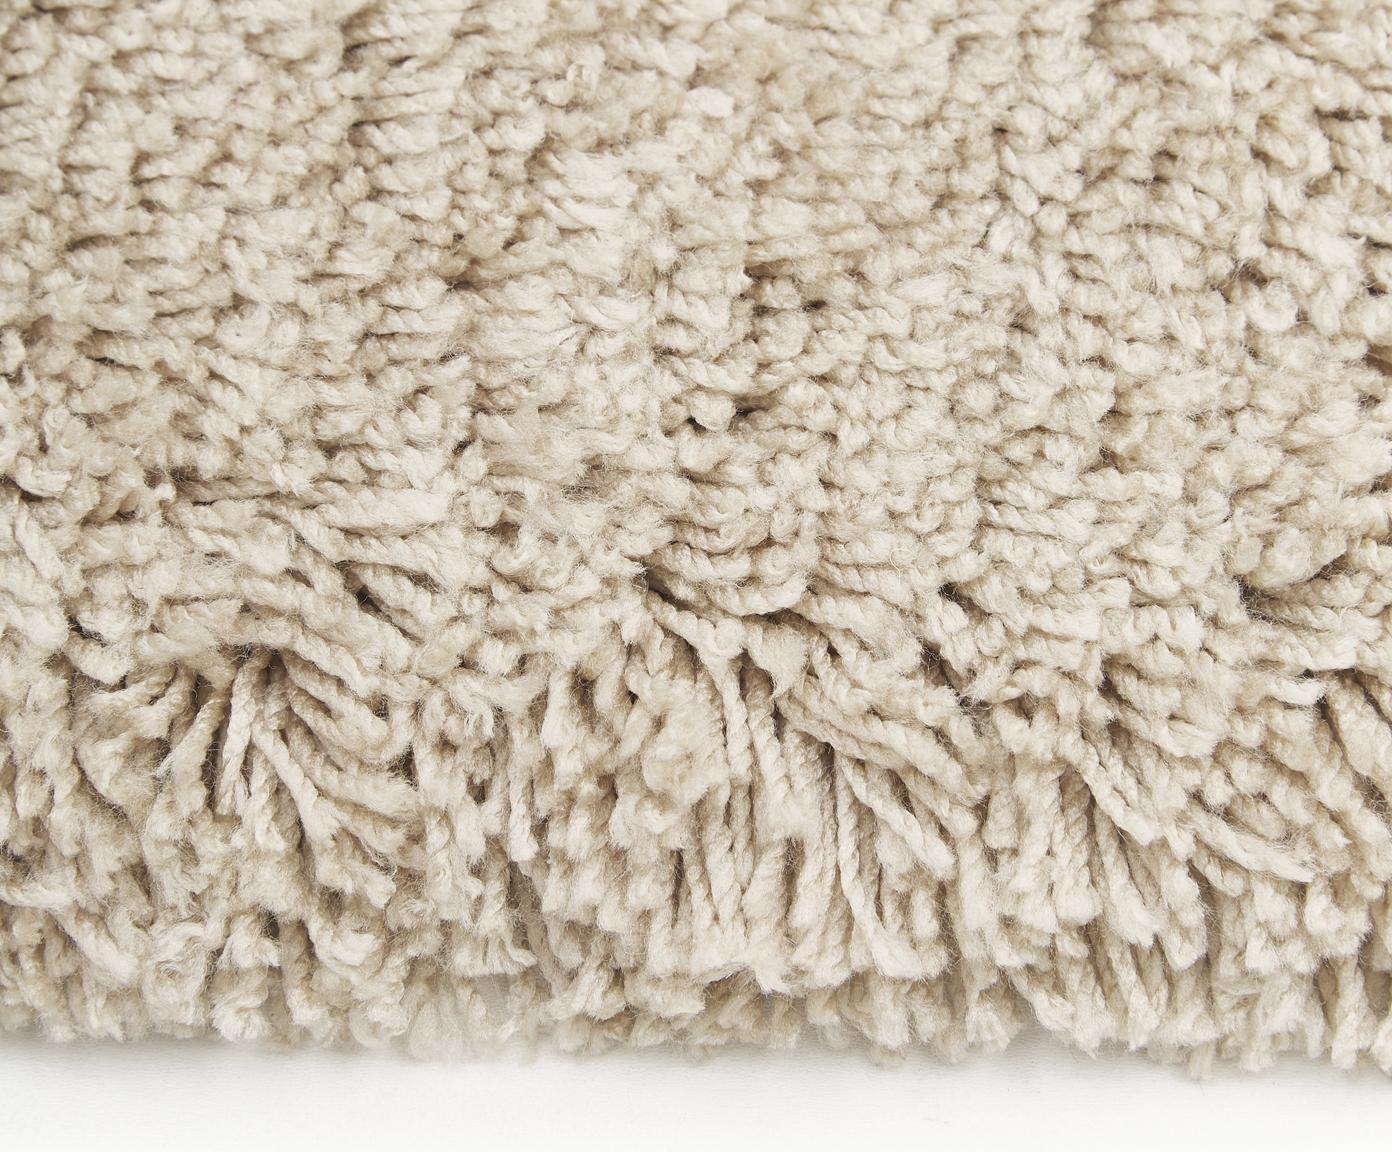 Flauschiger Hochflor-Teppich Dreamy mit Fransen, Flor: 100% Polyester, Creme, Ø 200 cm (Größe L)